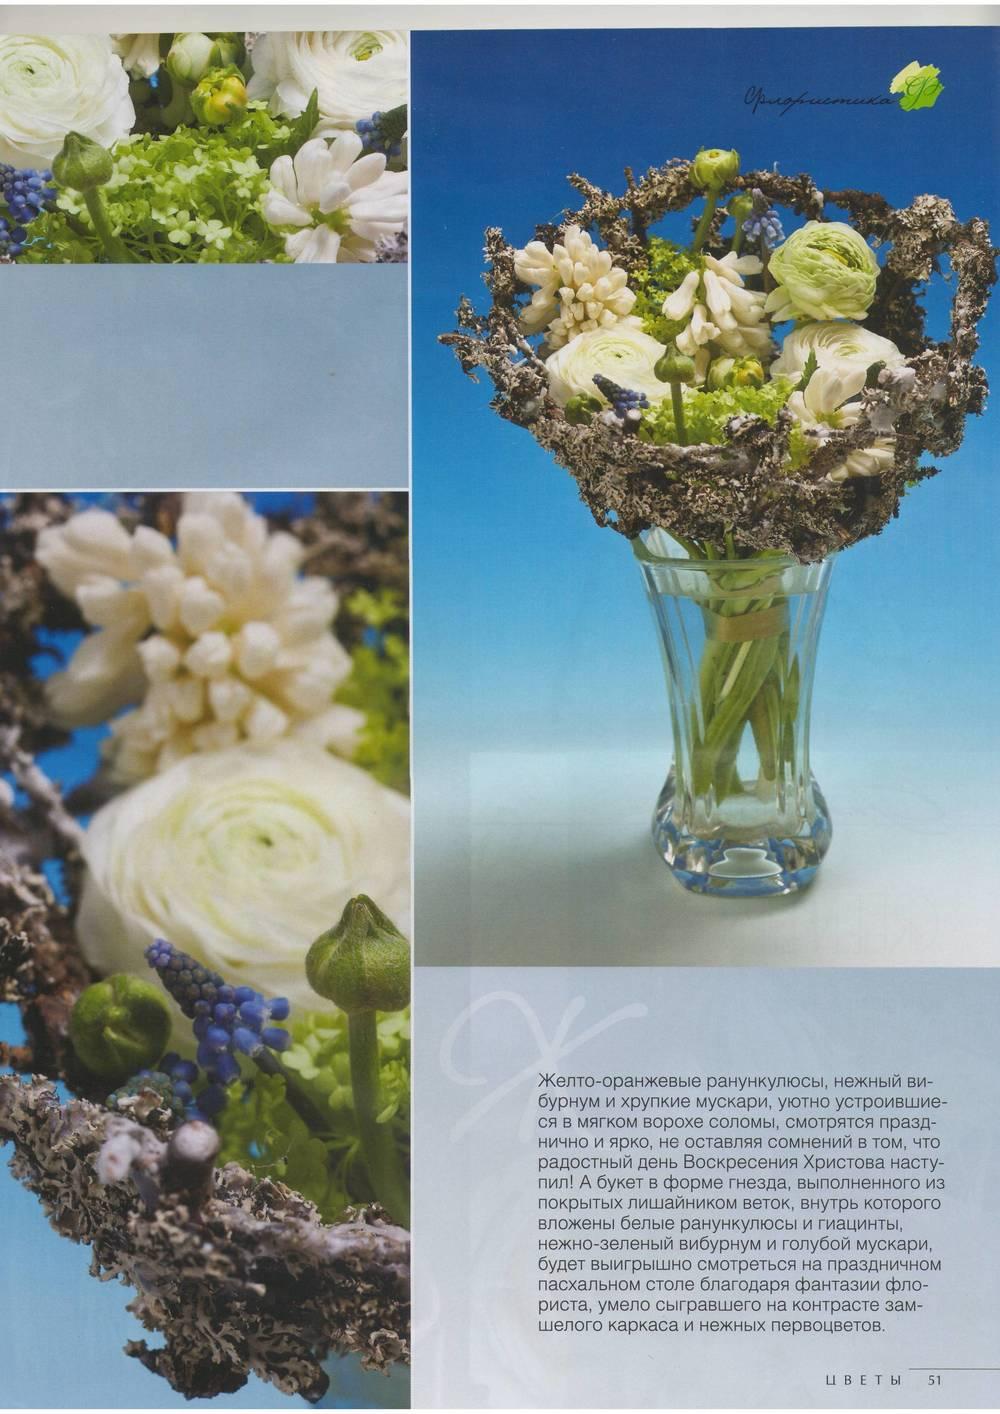 Цветы 04 2011-06.JPG